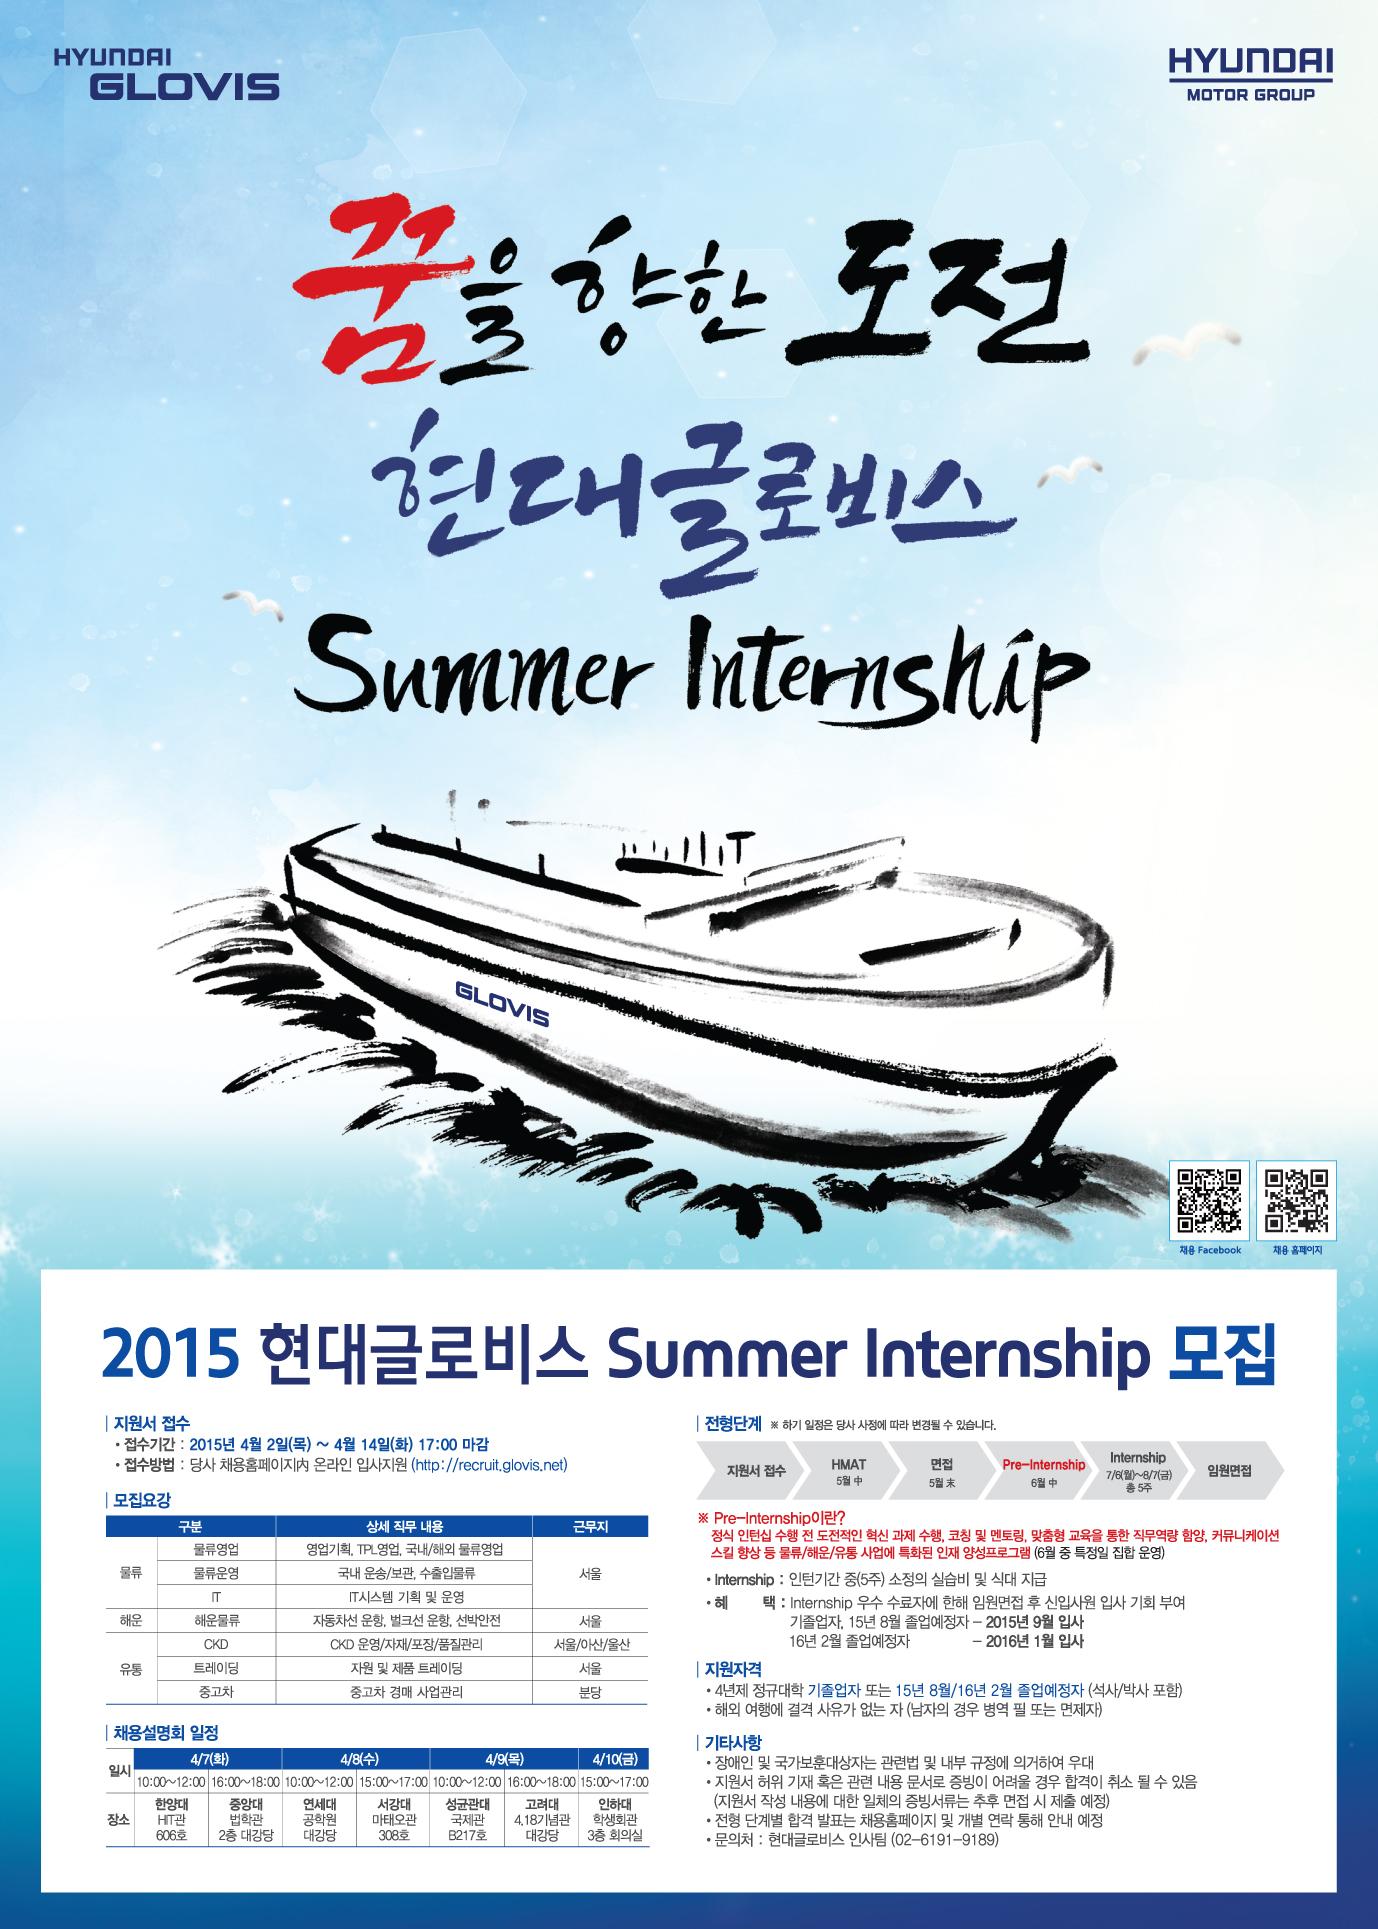 [현대글로비스]_2015_Summer_Intership_모집요강_최종.jpg